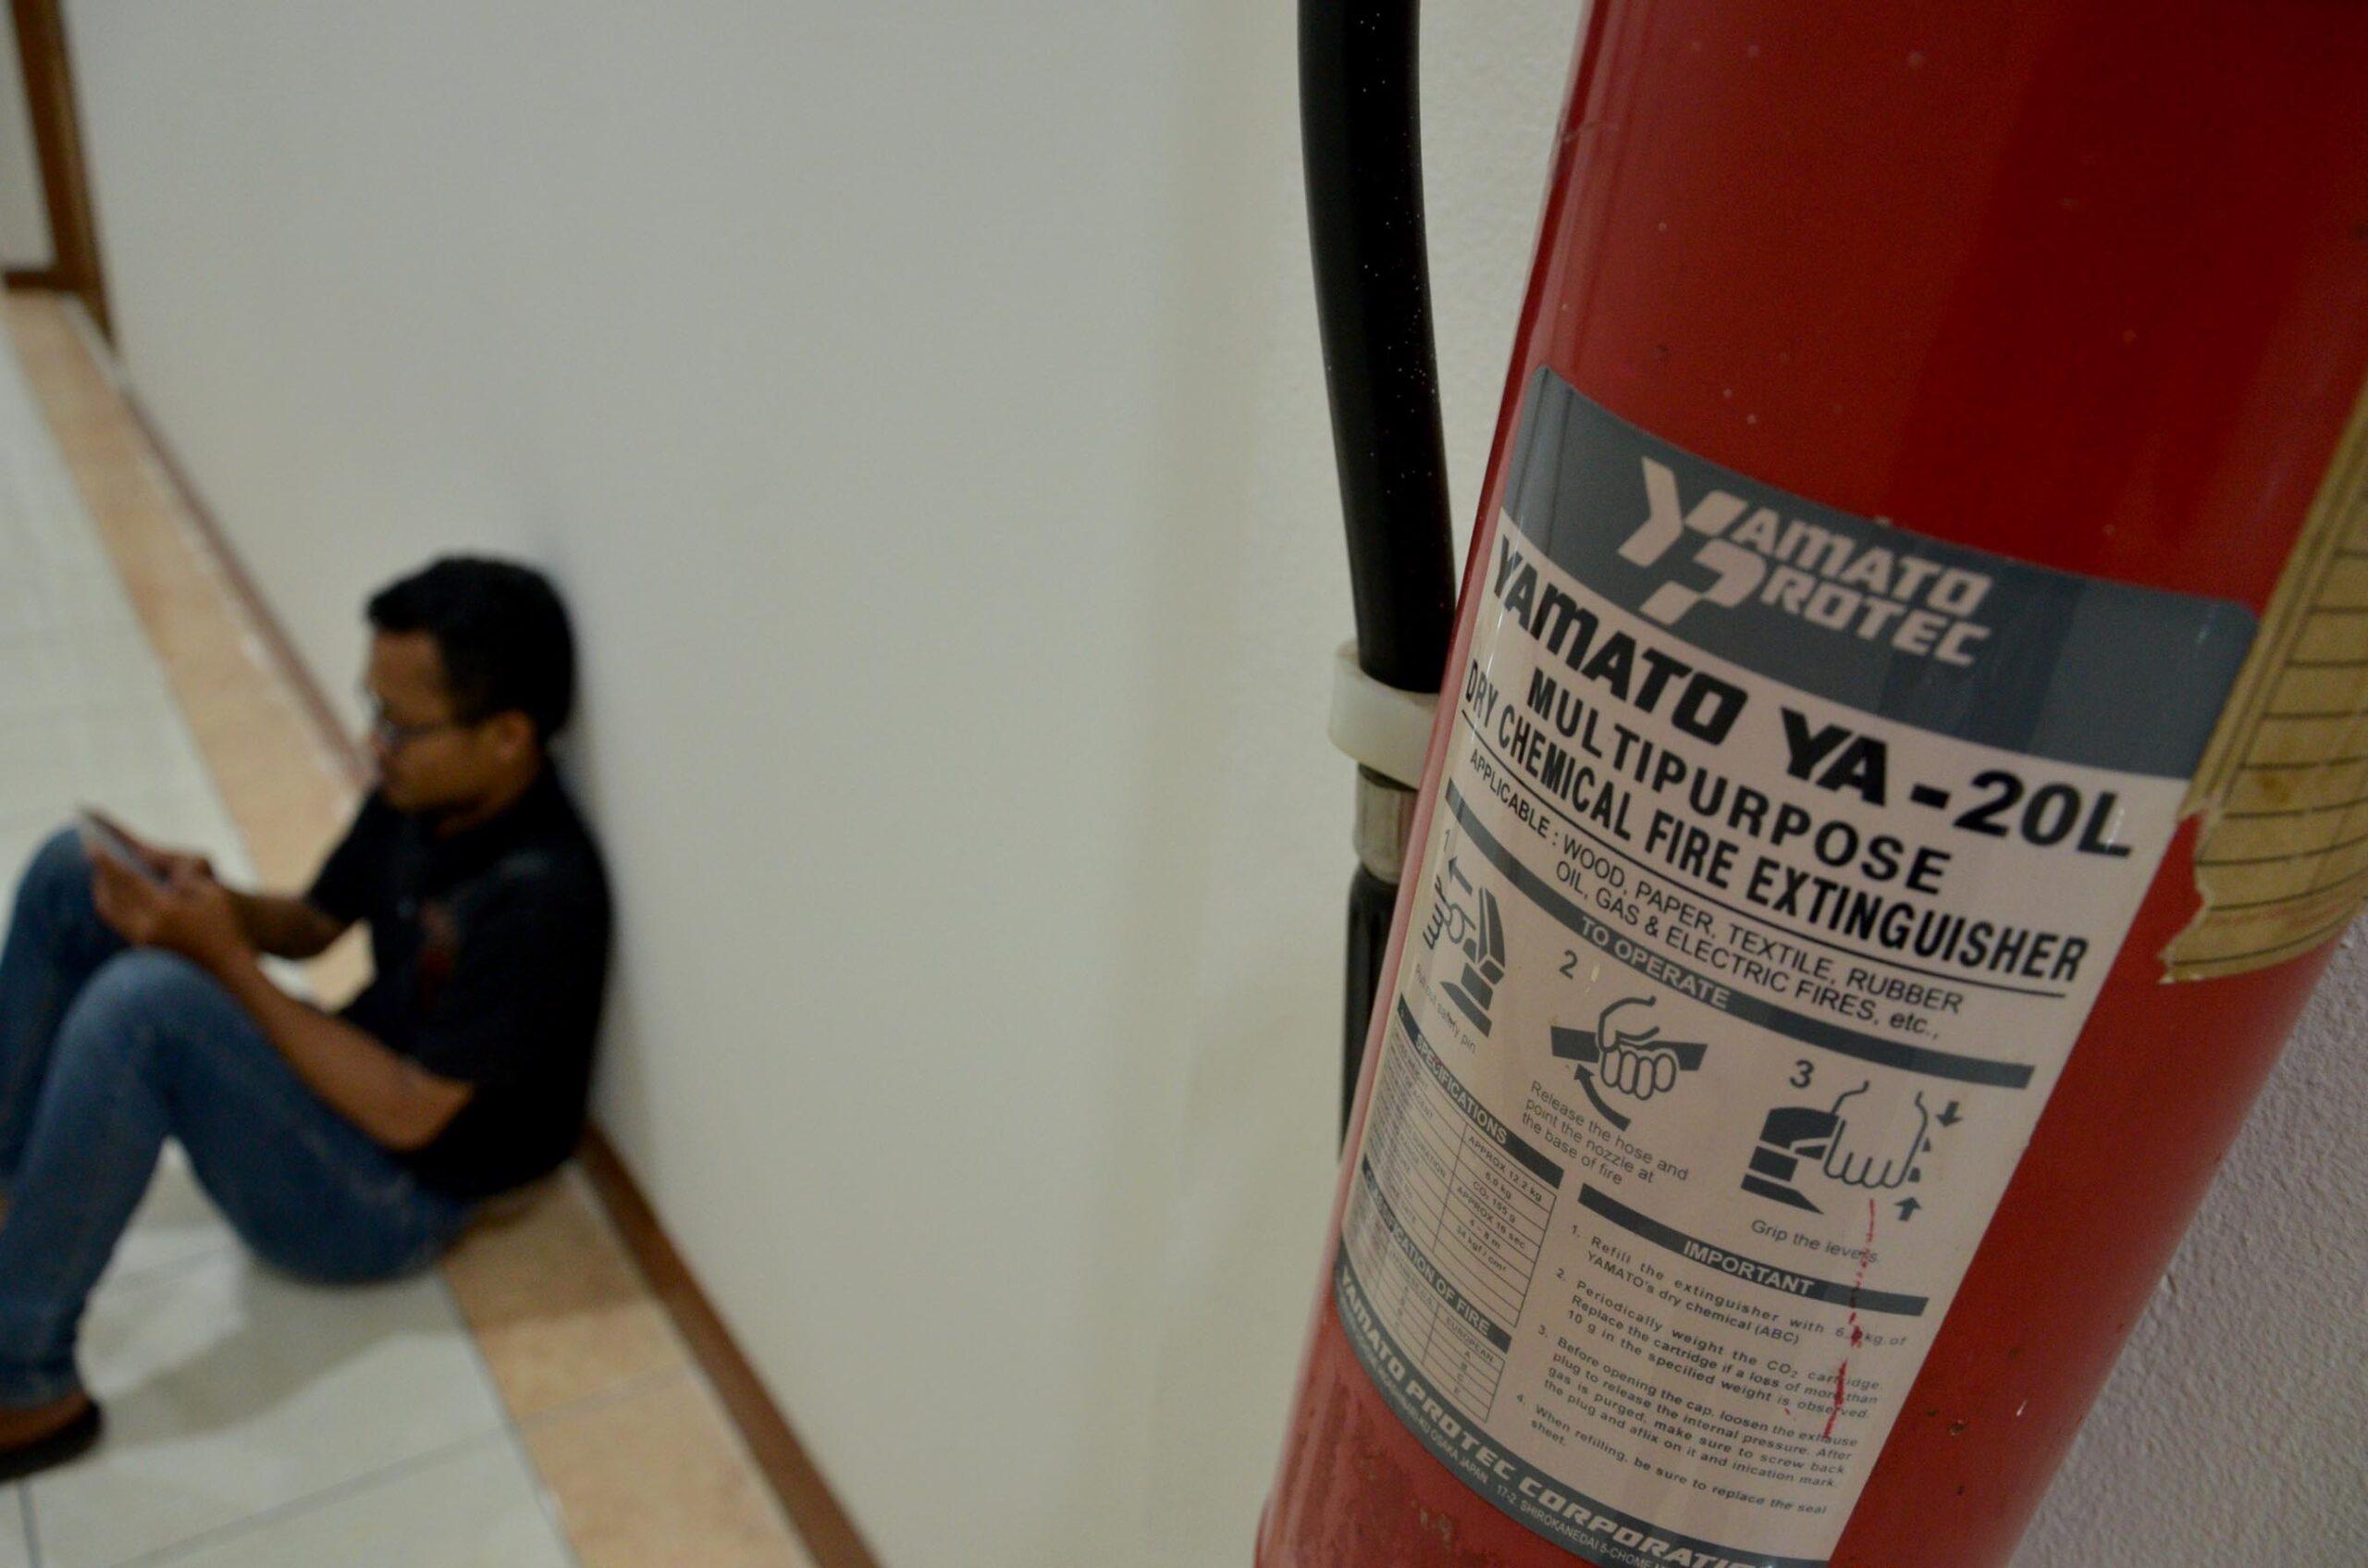 Ilustrasi Alat Pemadam Kebakaran.